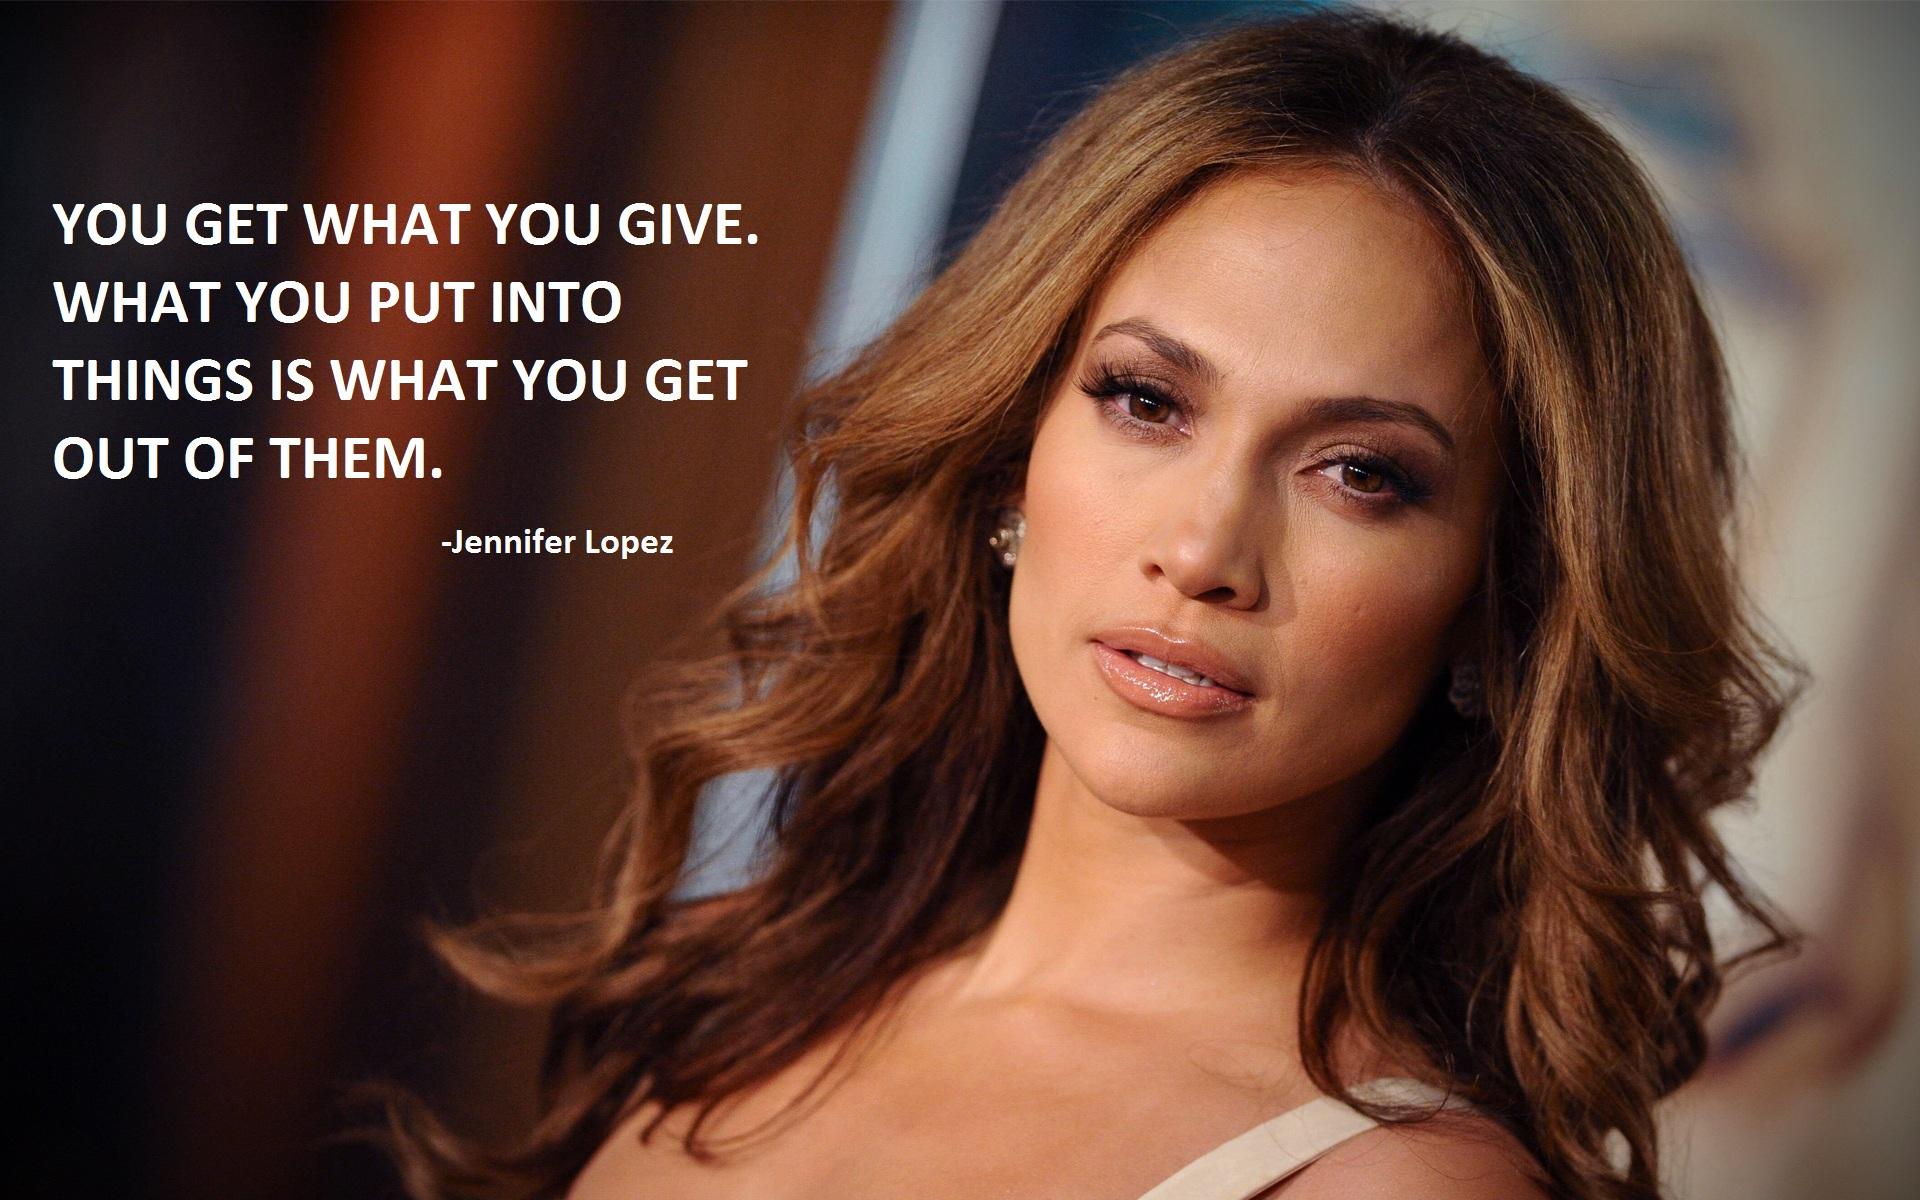 Jennifer Lopez quote #1